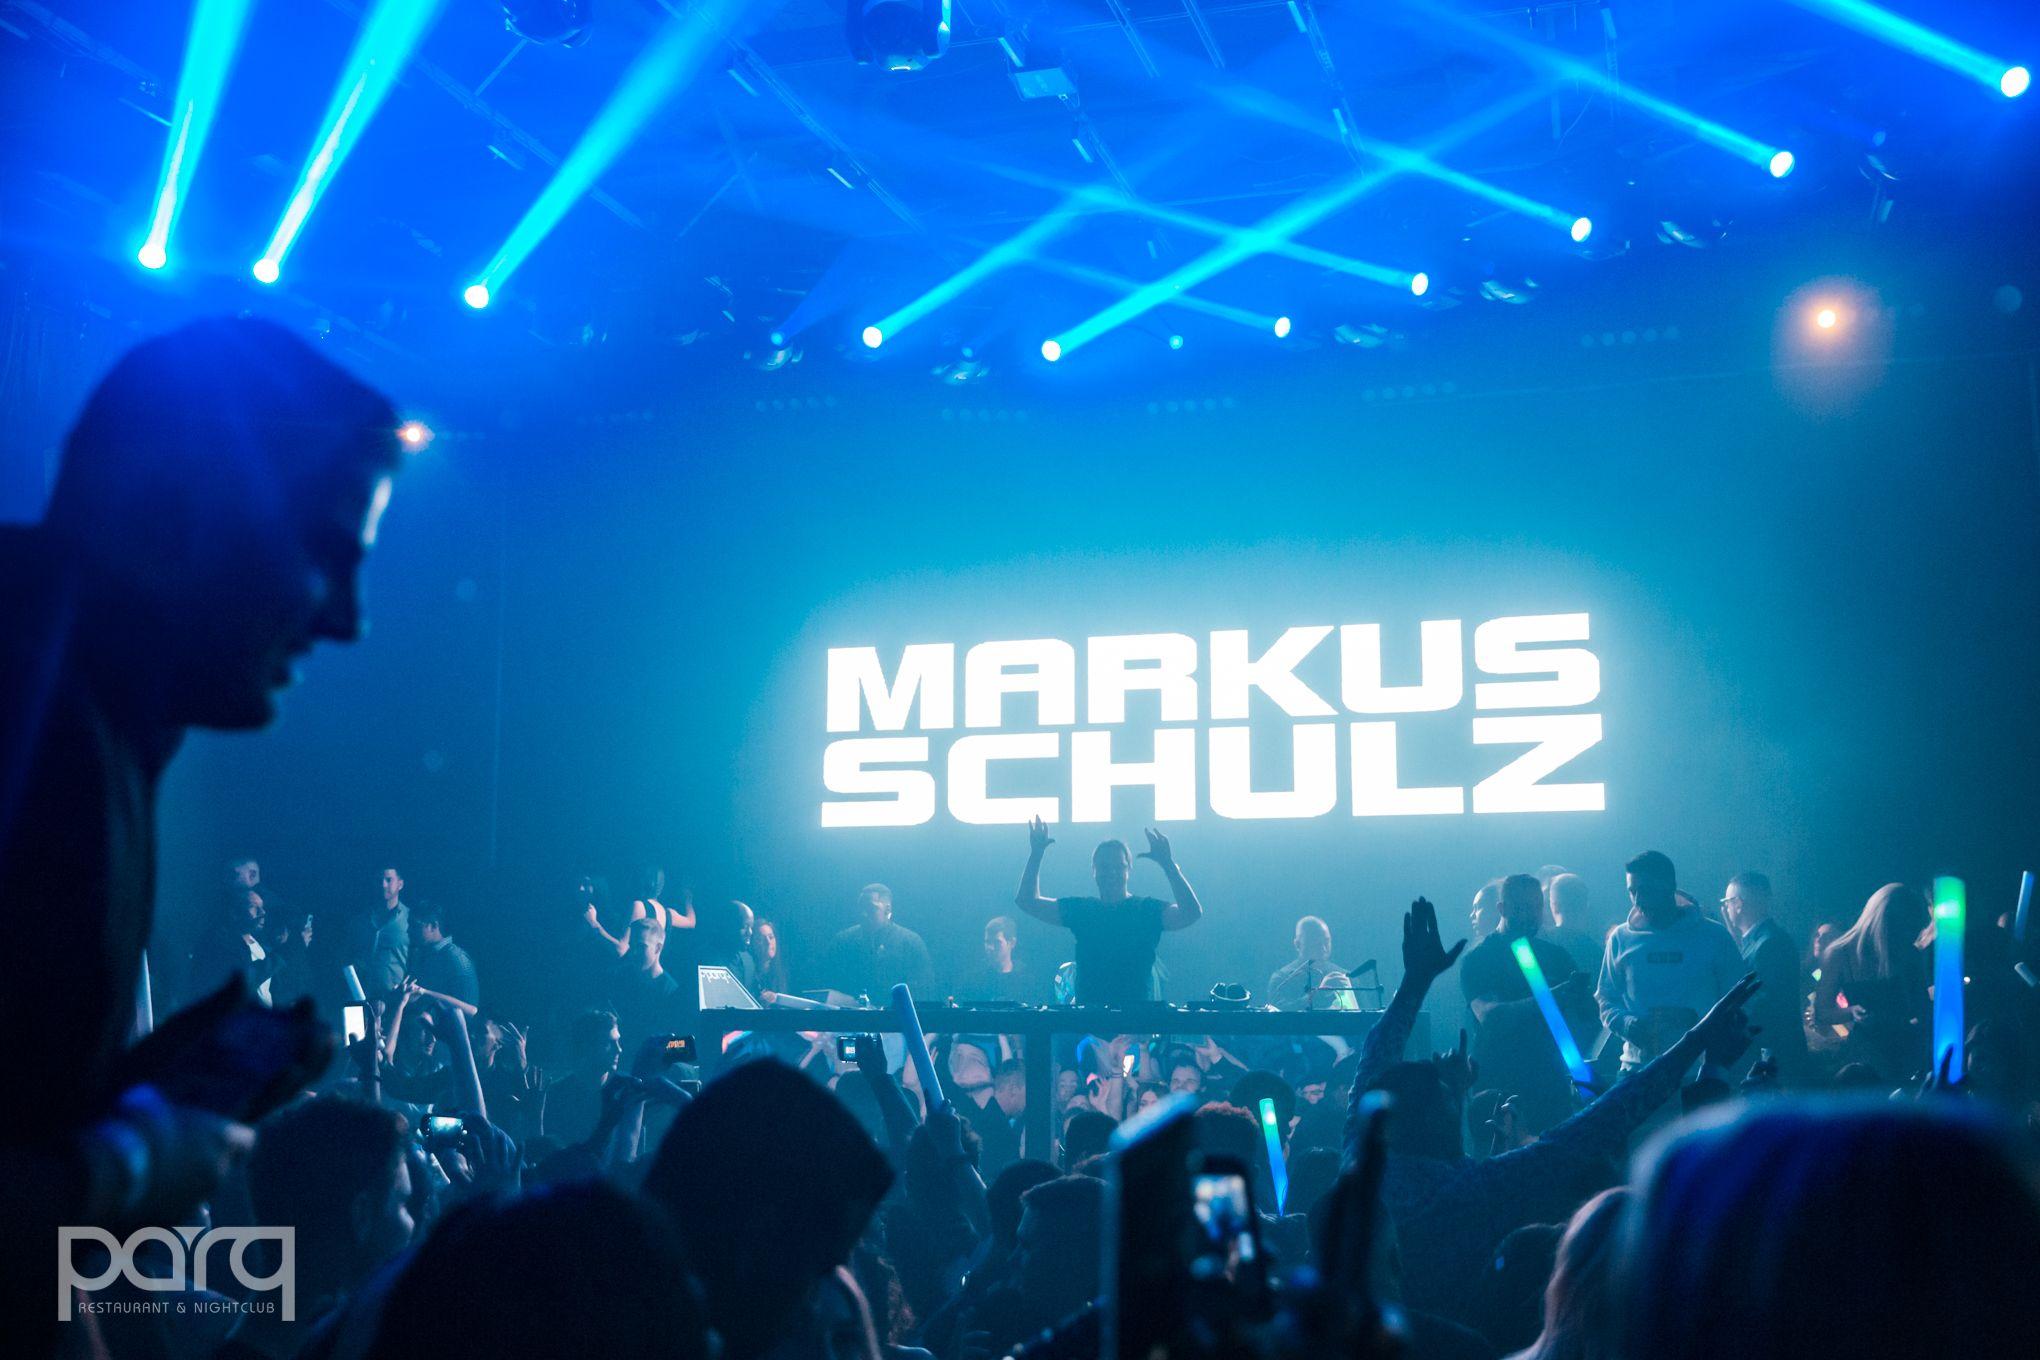 02.16.19 Parq - Markus Schulz-1.jpg